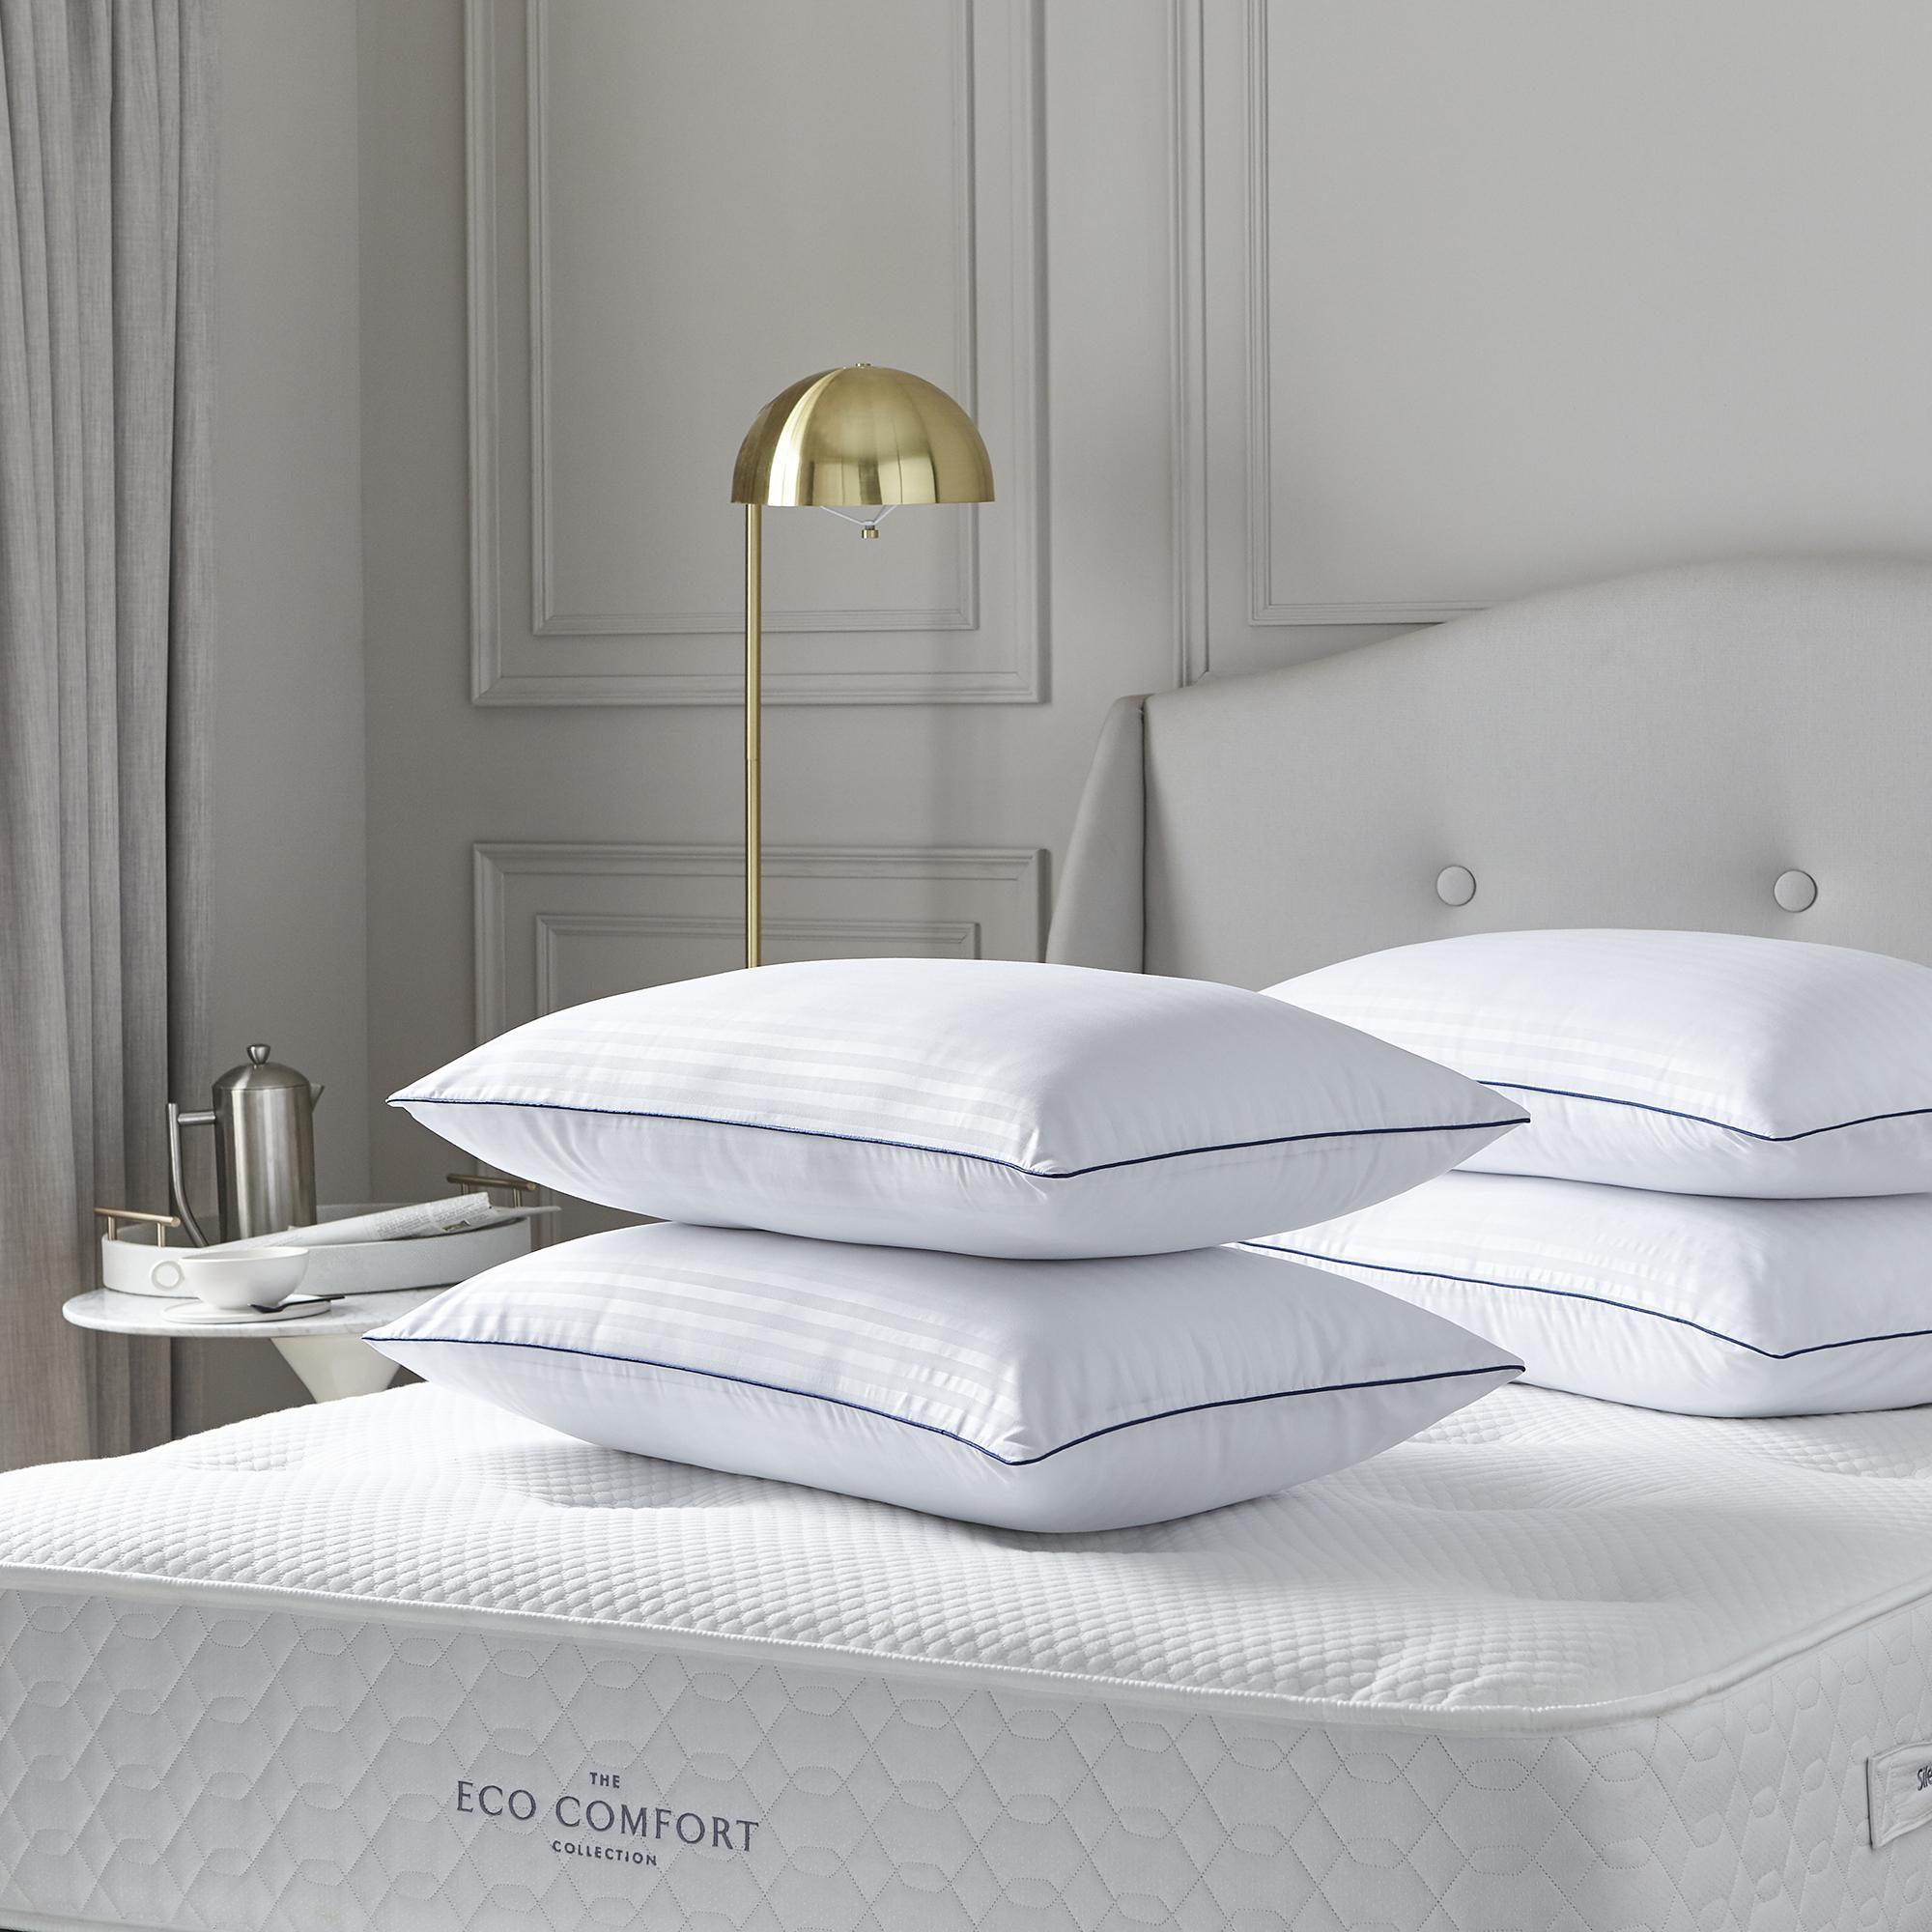 Silentnight Hotel Collectio...